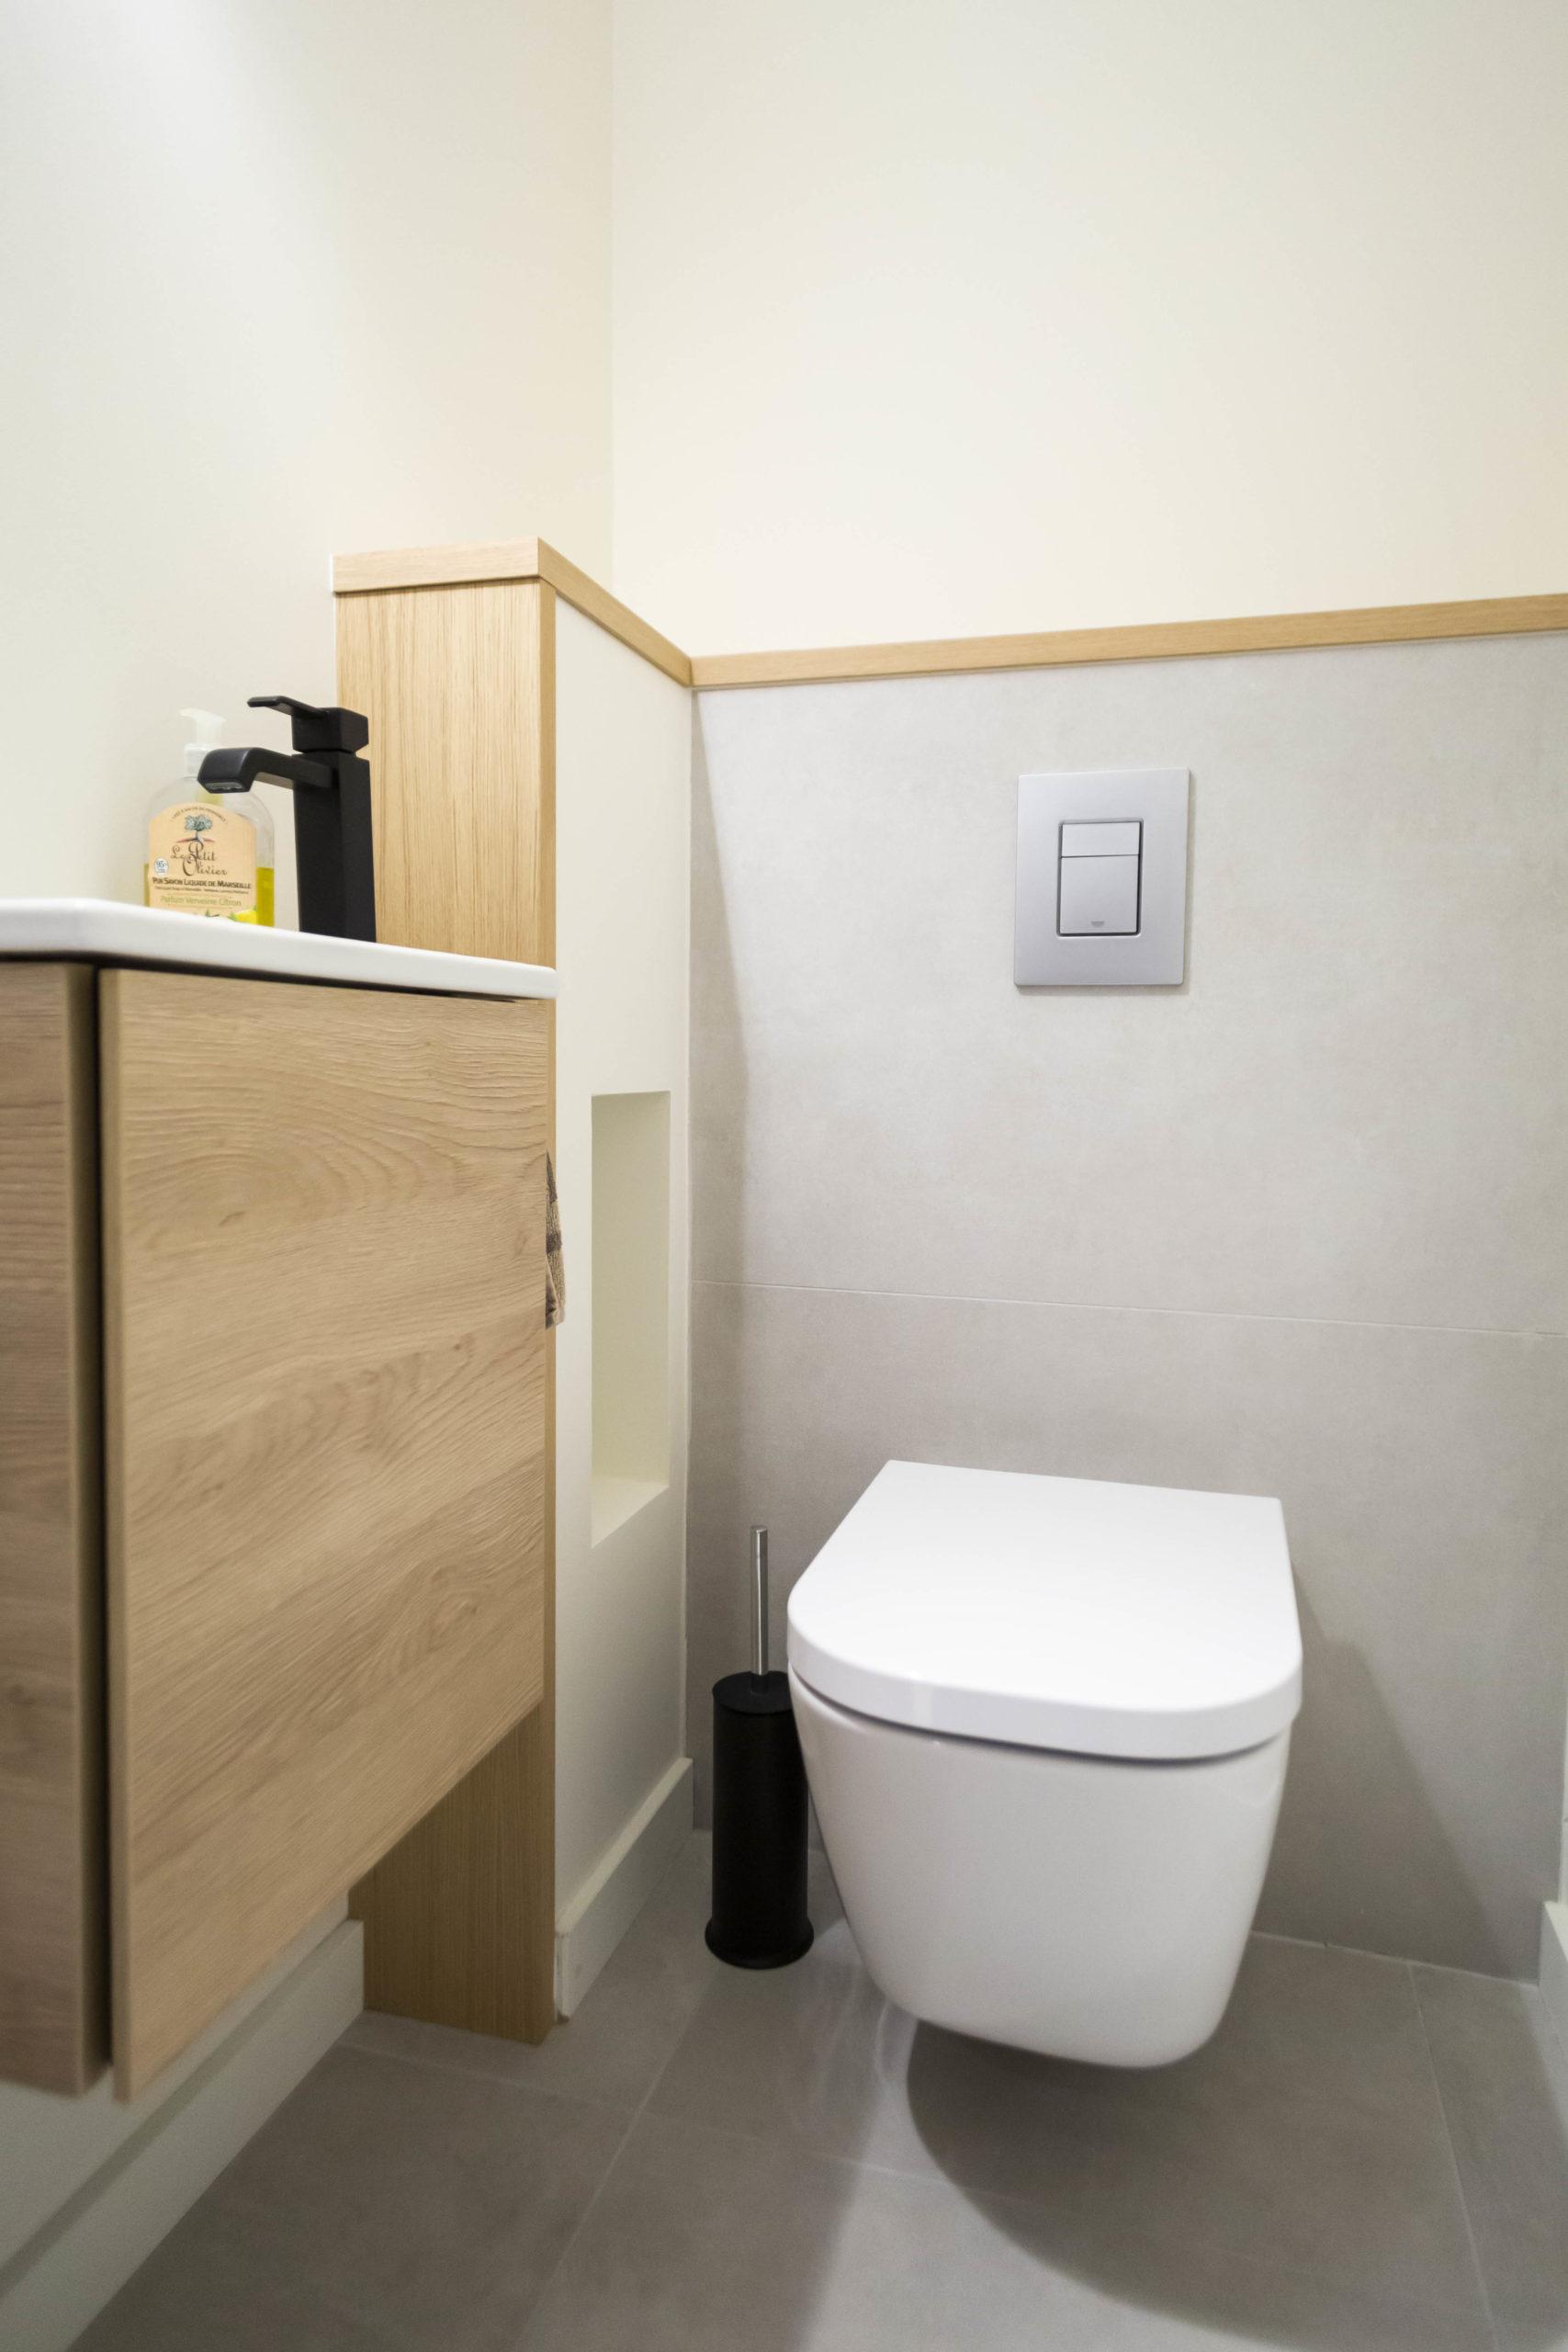 Atelier Plurielles Architectures Réaménagement appartement Anglet - WC